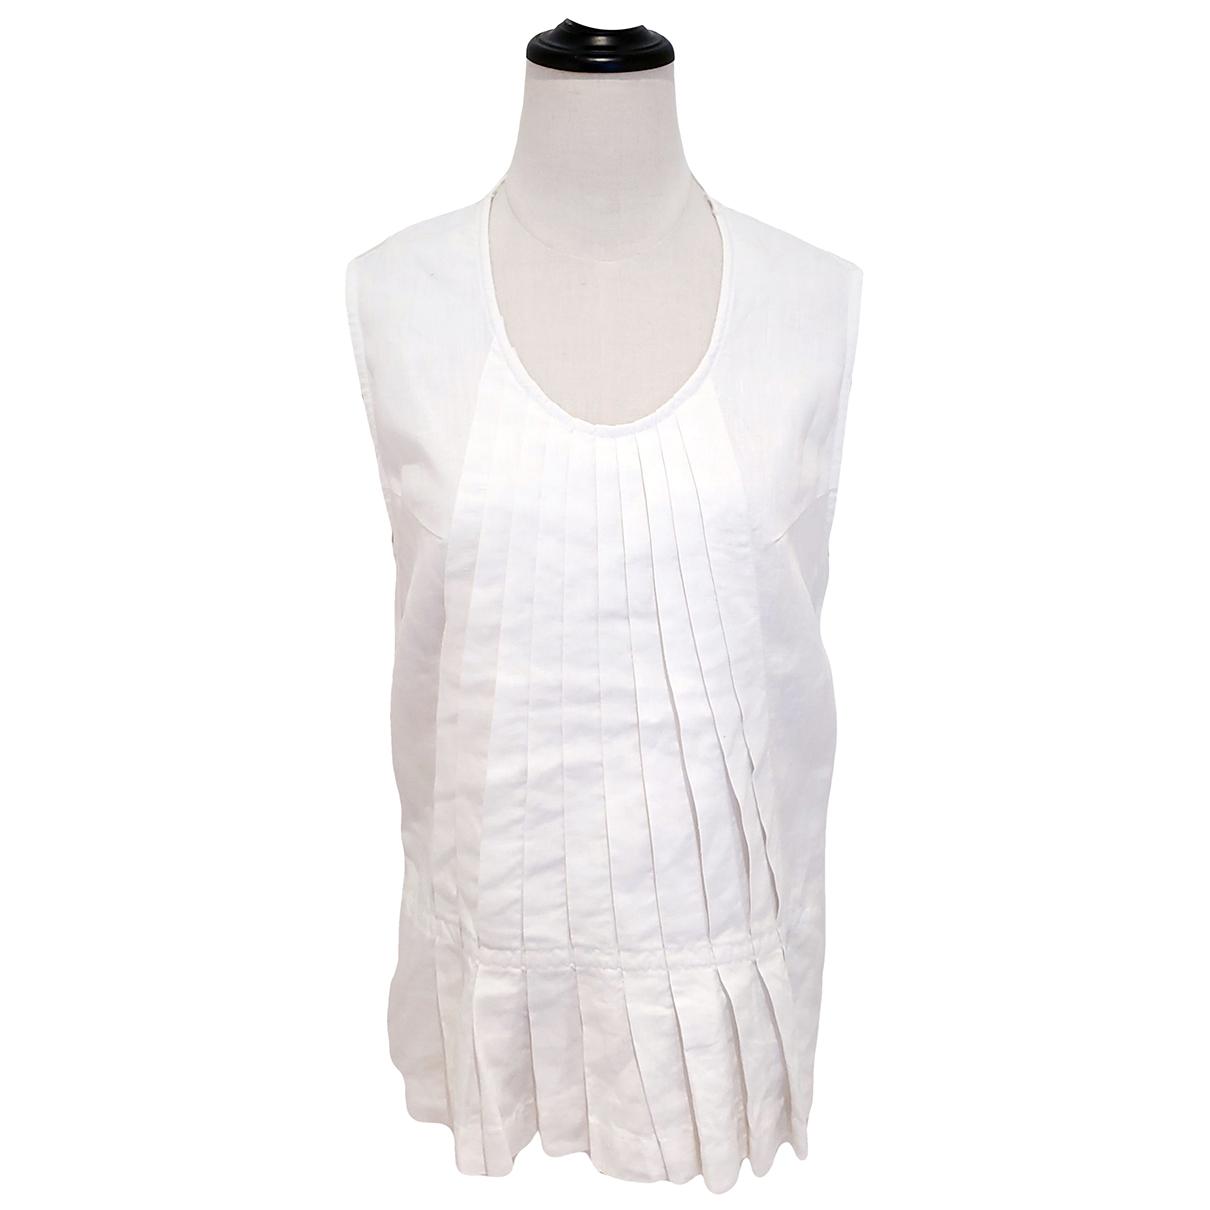 45rpm - Top   pour femme en lin - blanc